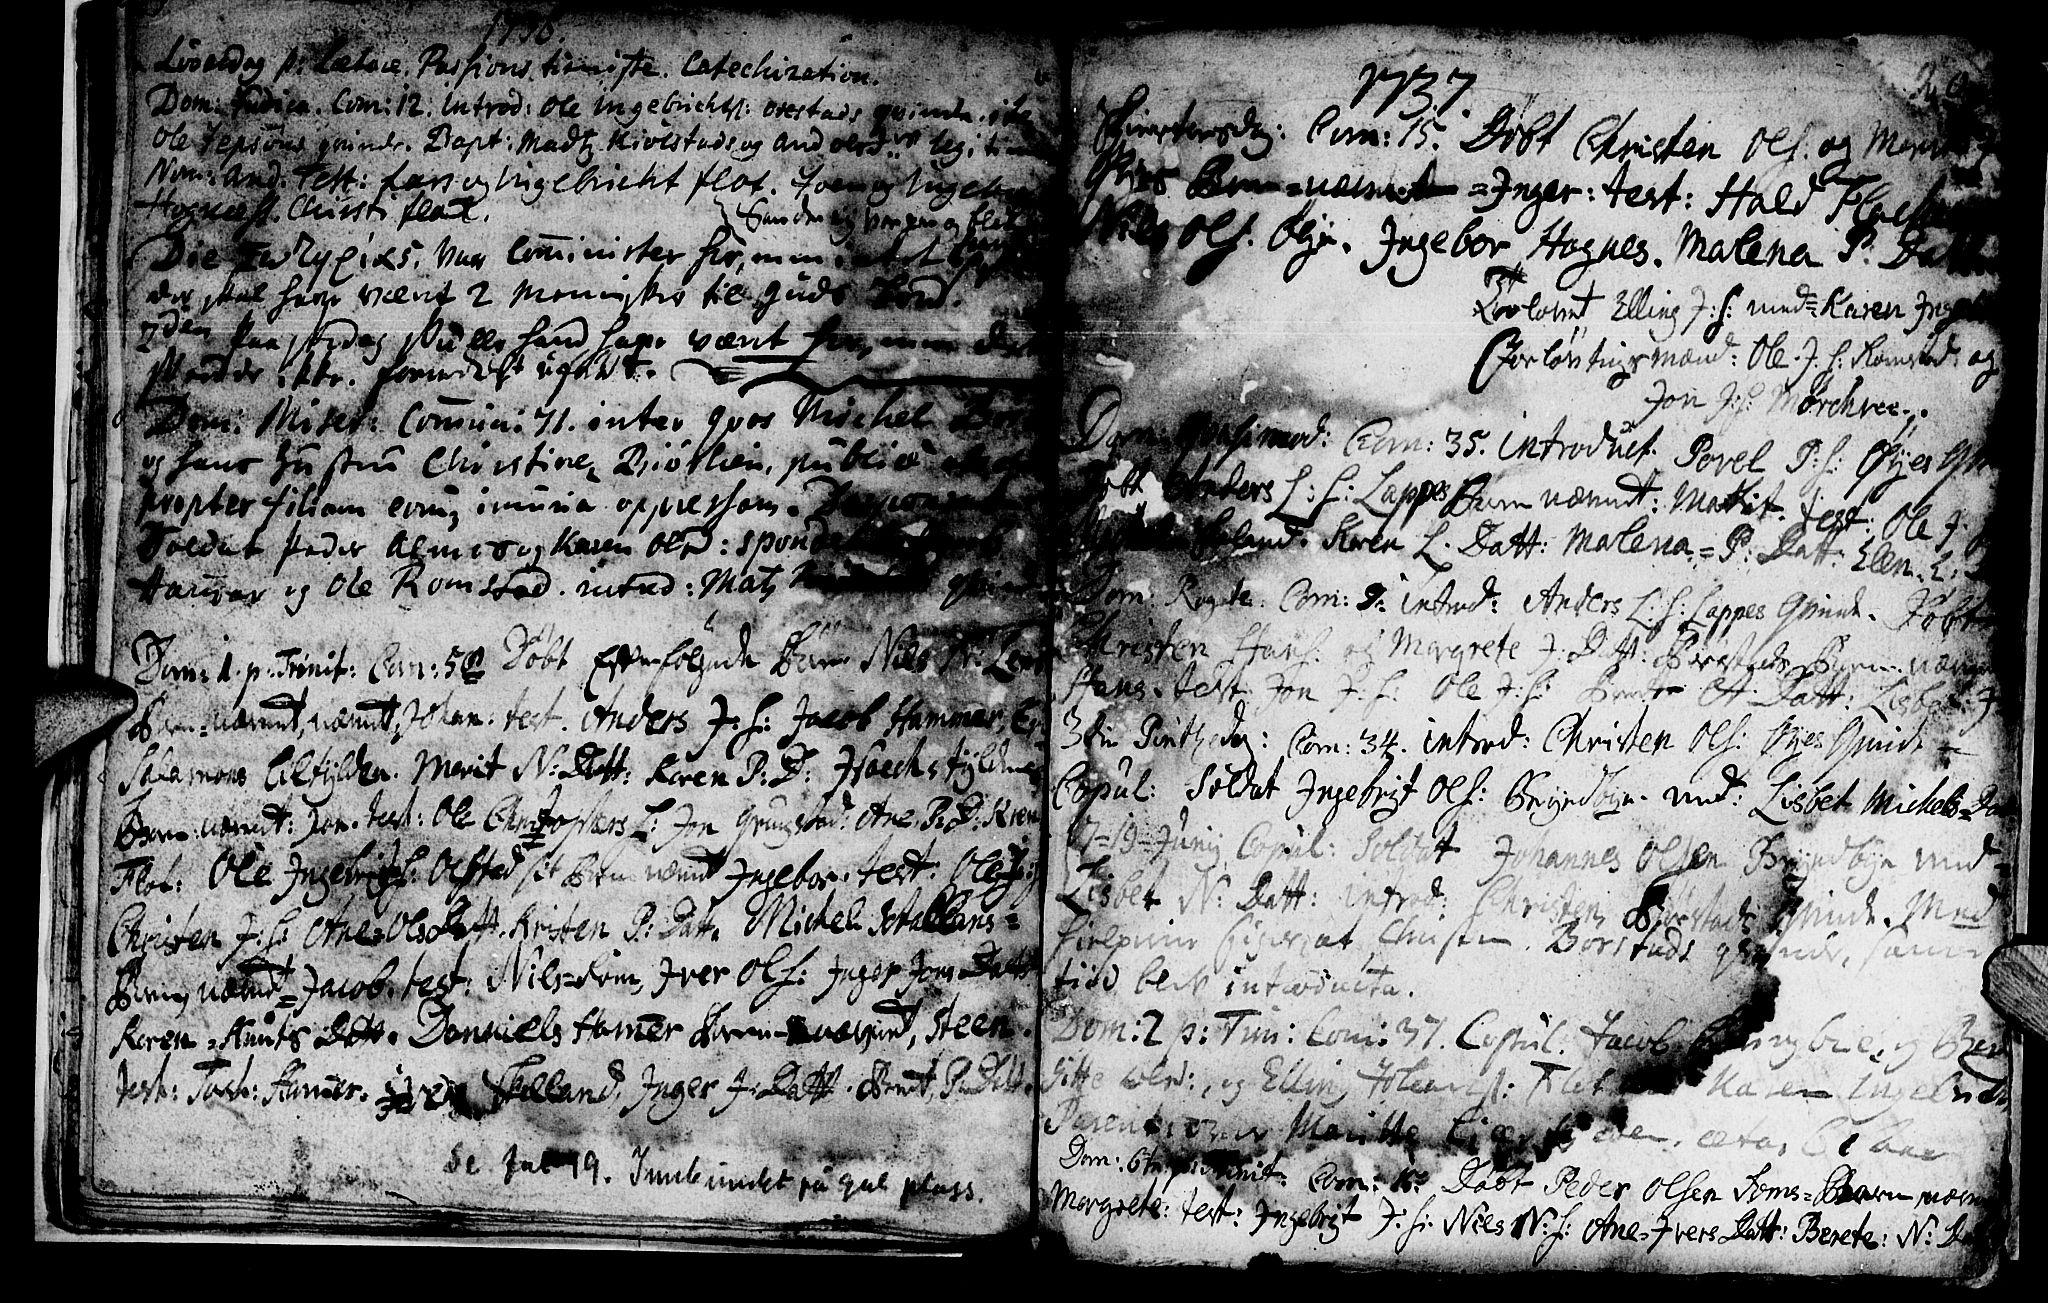 SAT, Ministerialprotokoller, klokkerbøker og fødselsregistre - Nord-Trøndelag, 765/L0560: Ministerialbok nr. 765A01, 1706-1748, s. 19